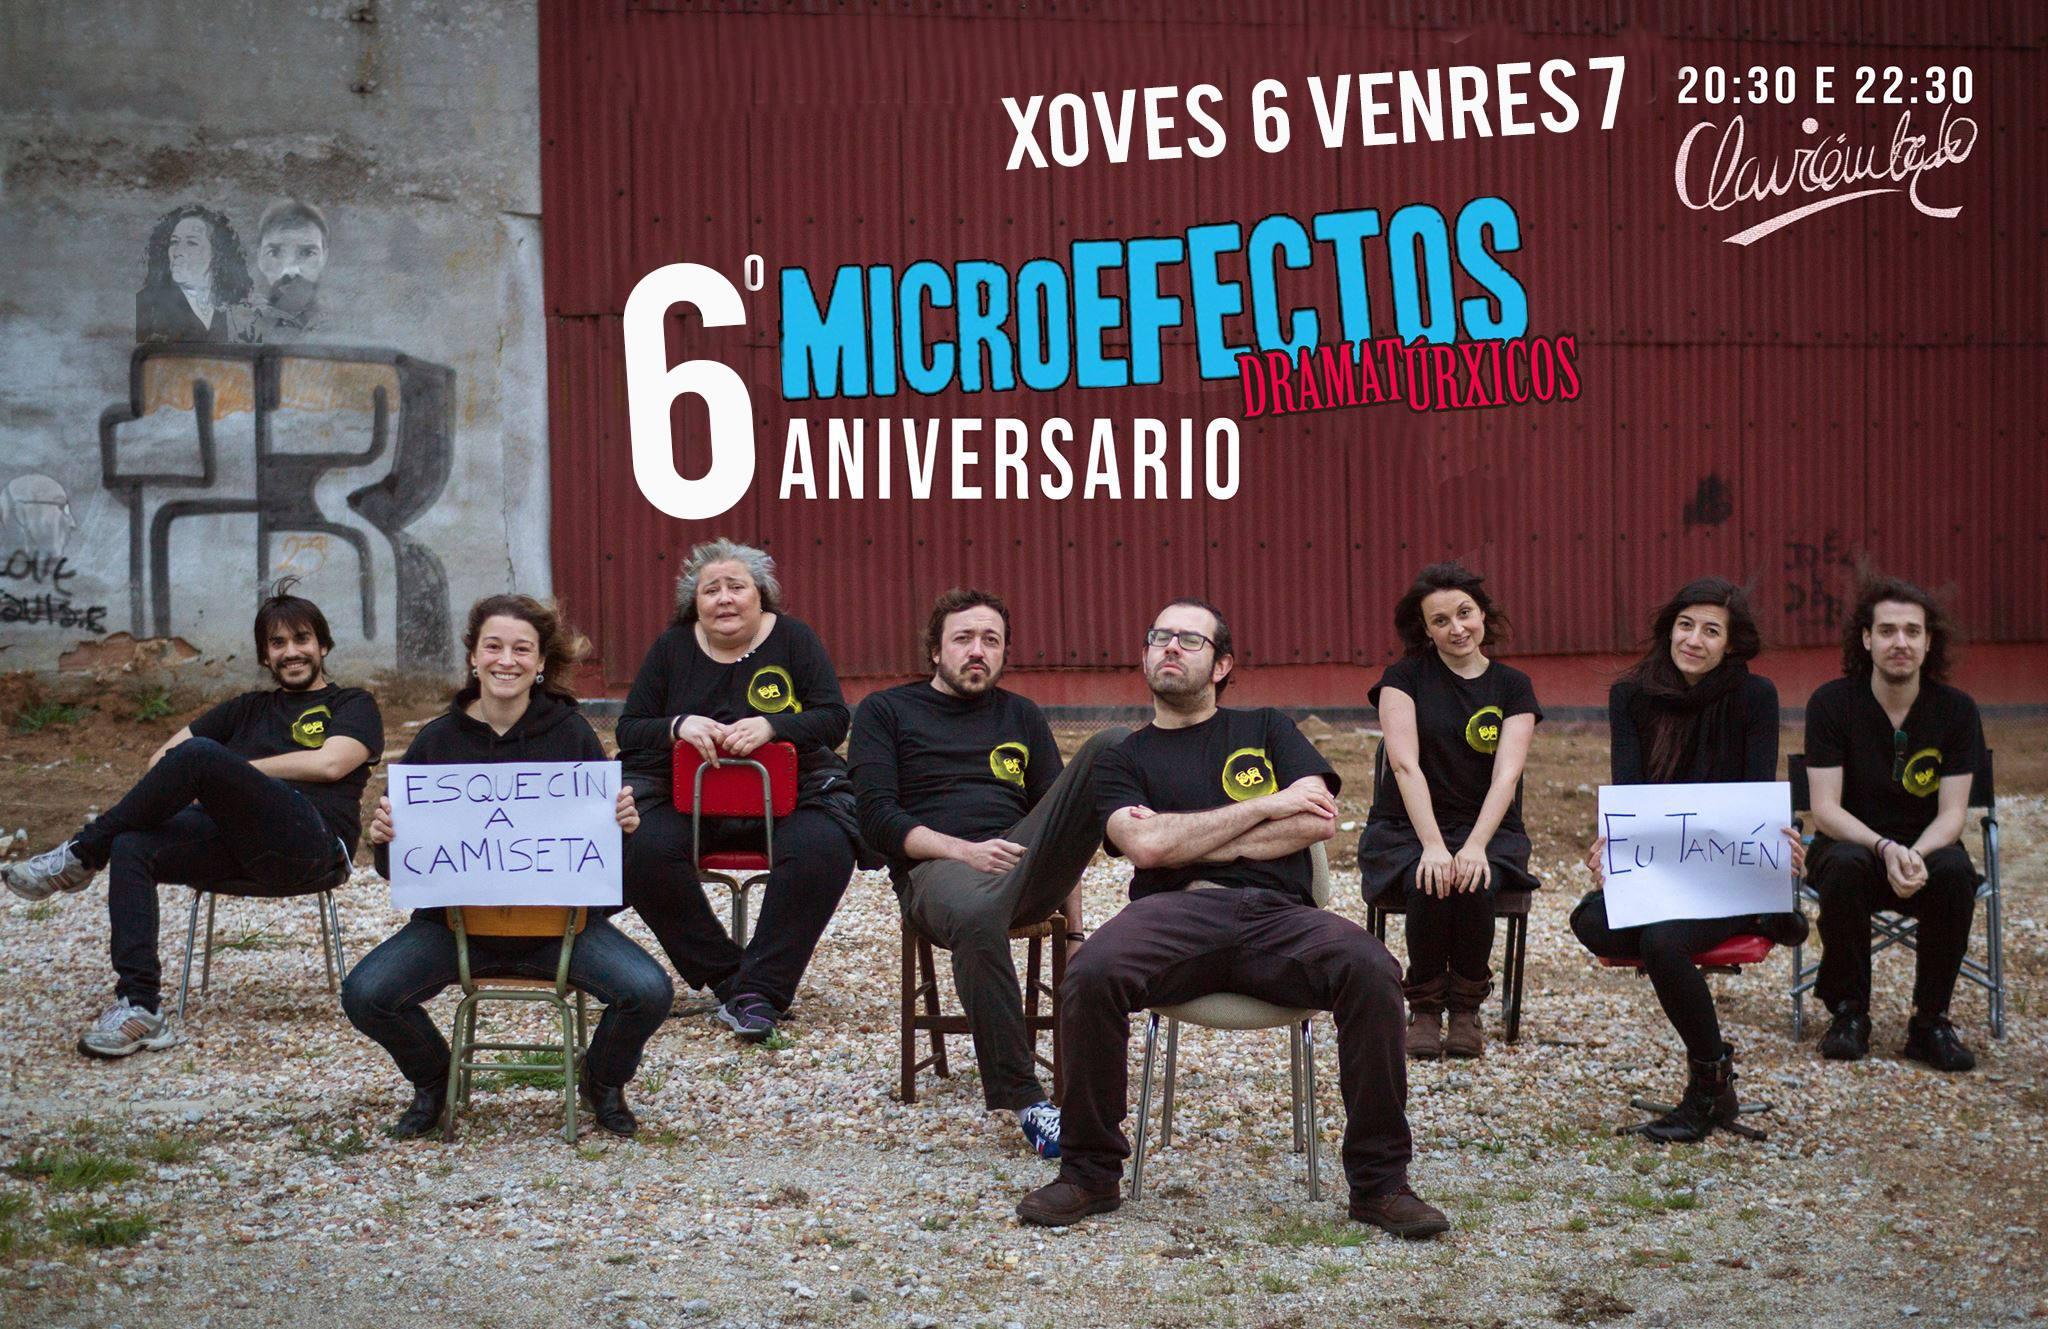 microefectos-dramaturxicos-aniversario